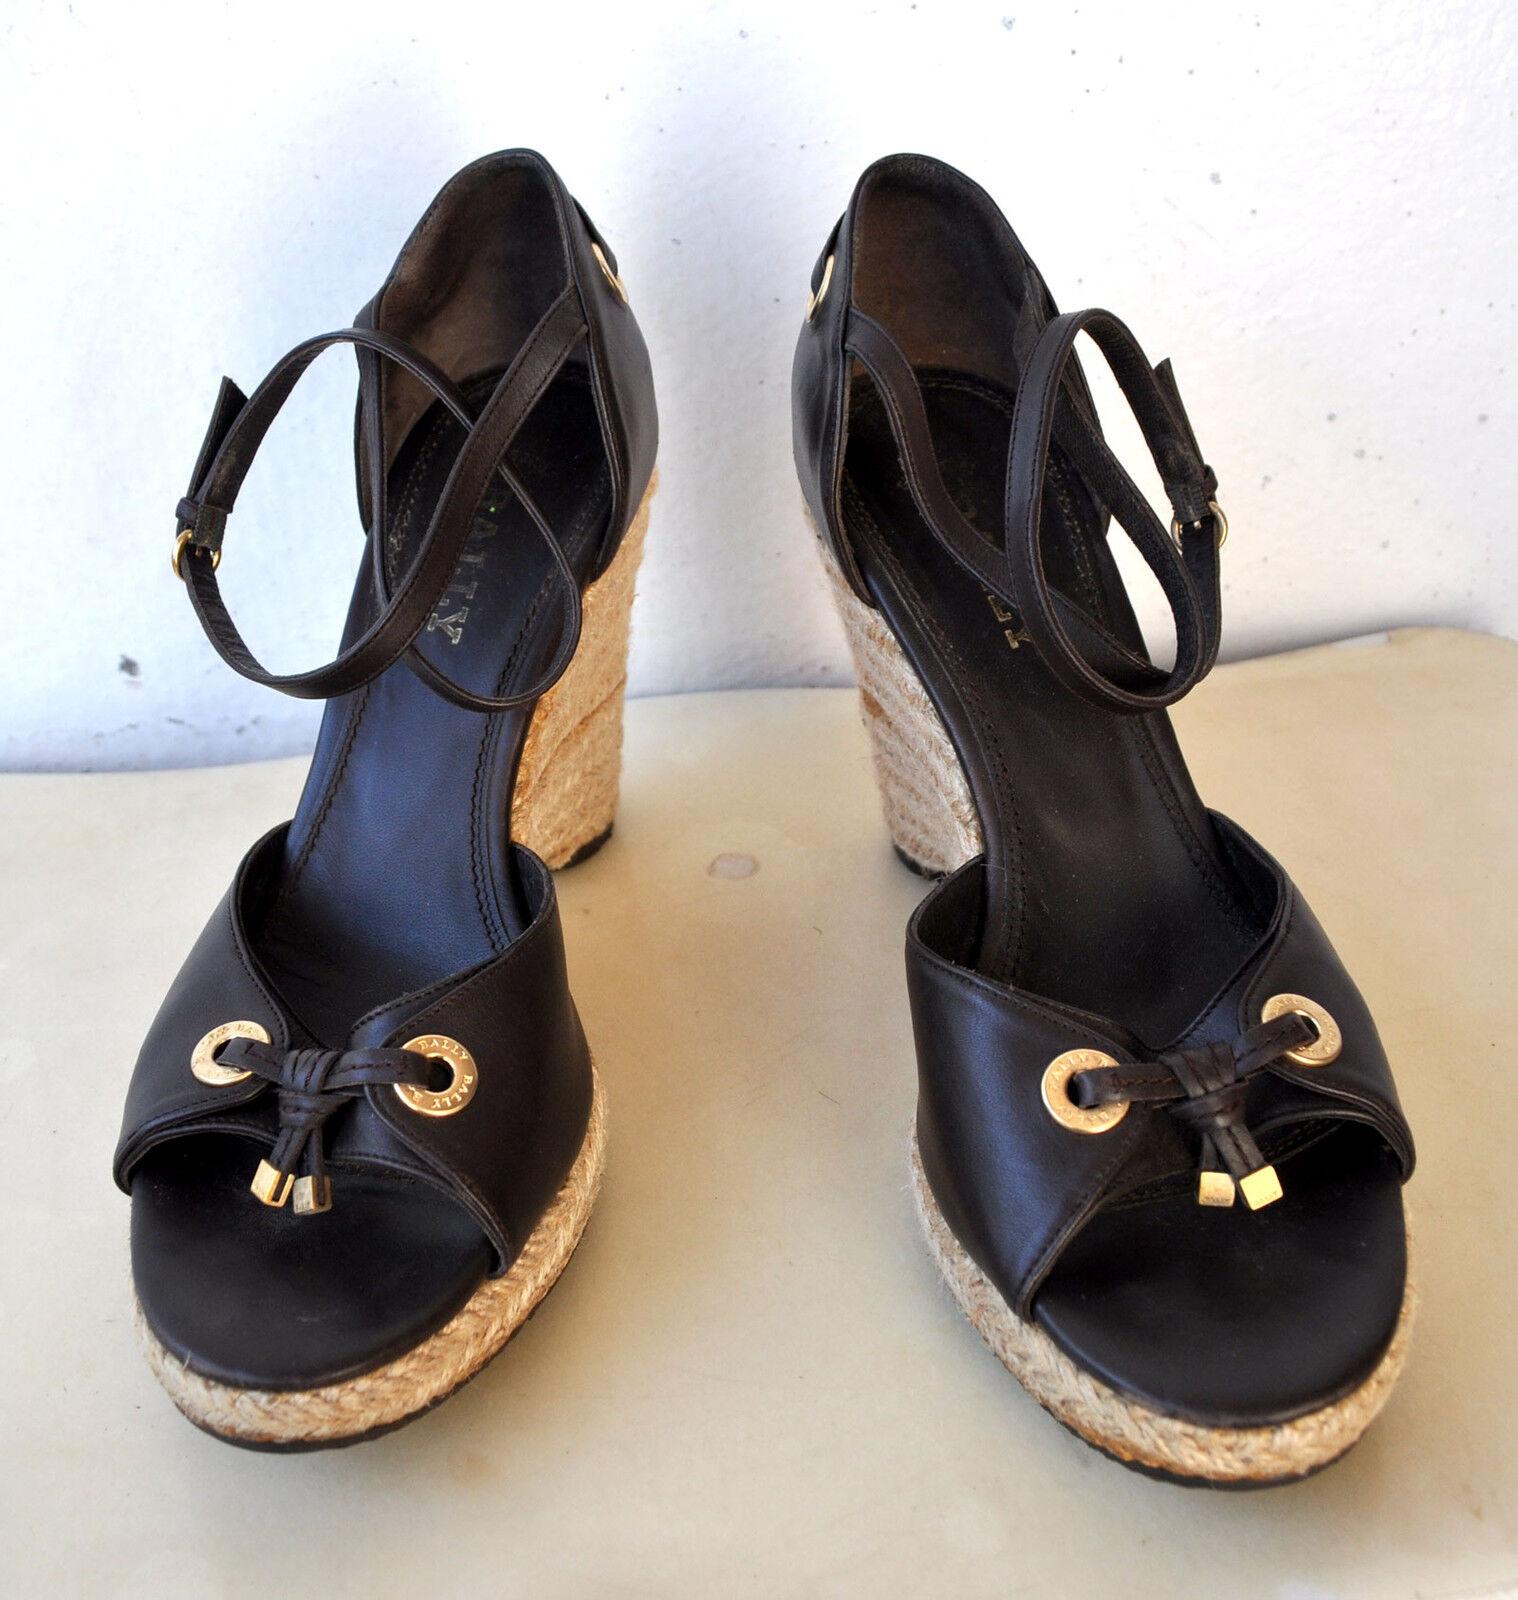 BALY Belview Marronee Leather  Cord Wedge Sandals scarpe Sz 41 Italia Autentica  Miglior prezzo